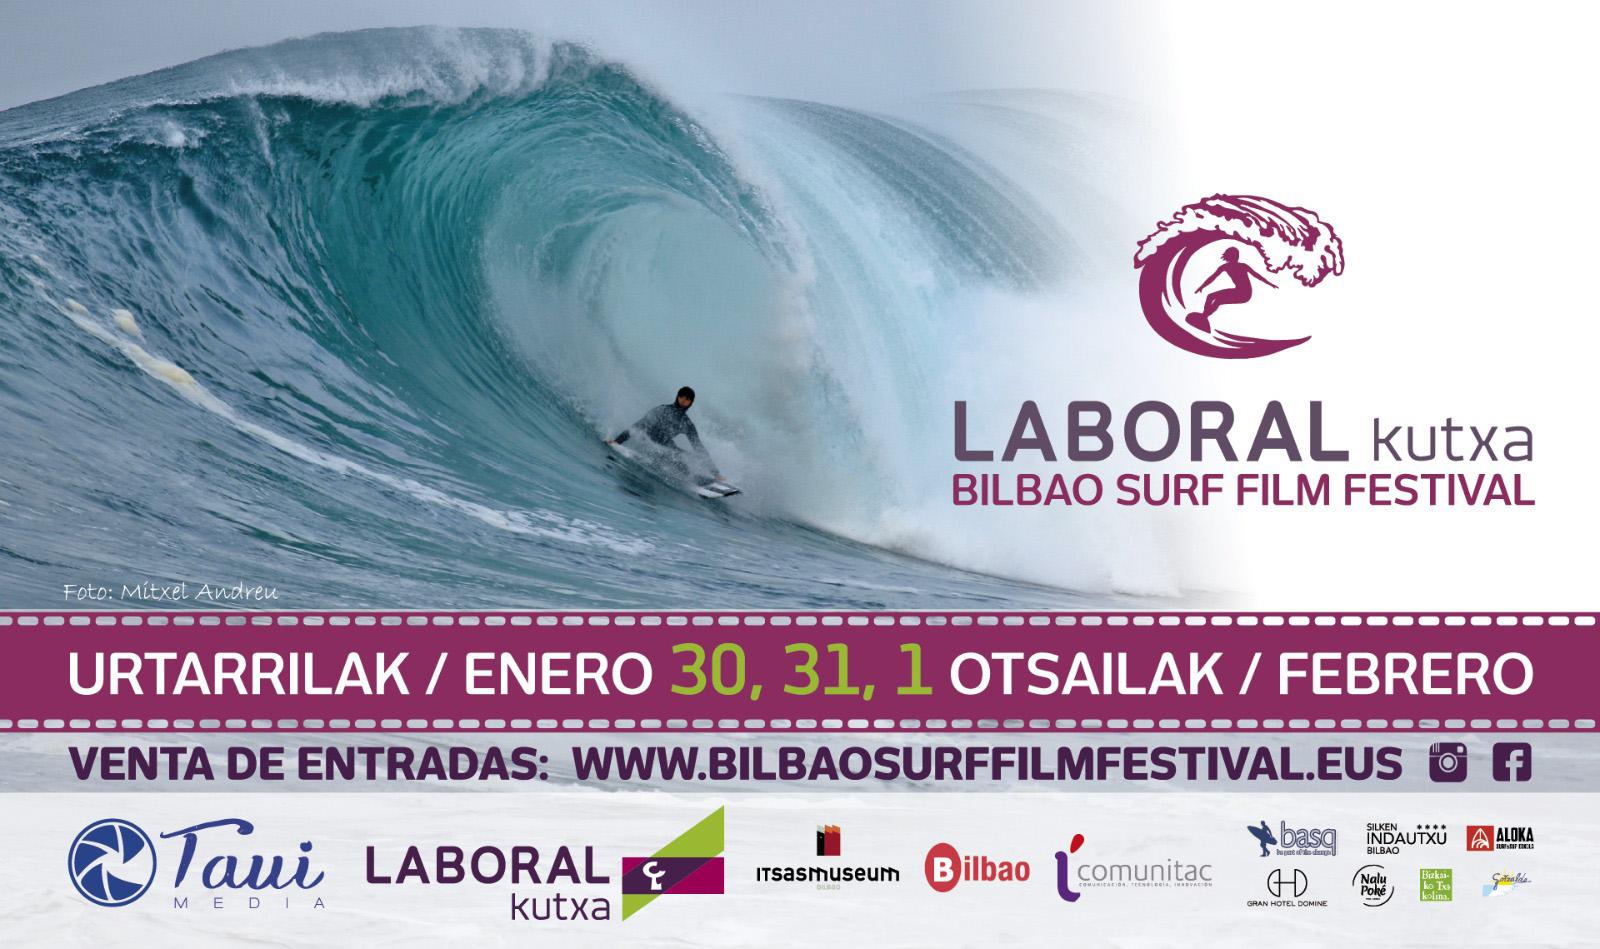 bilbao.surf